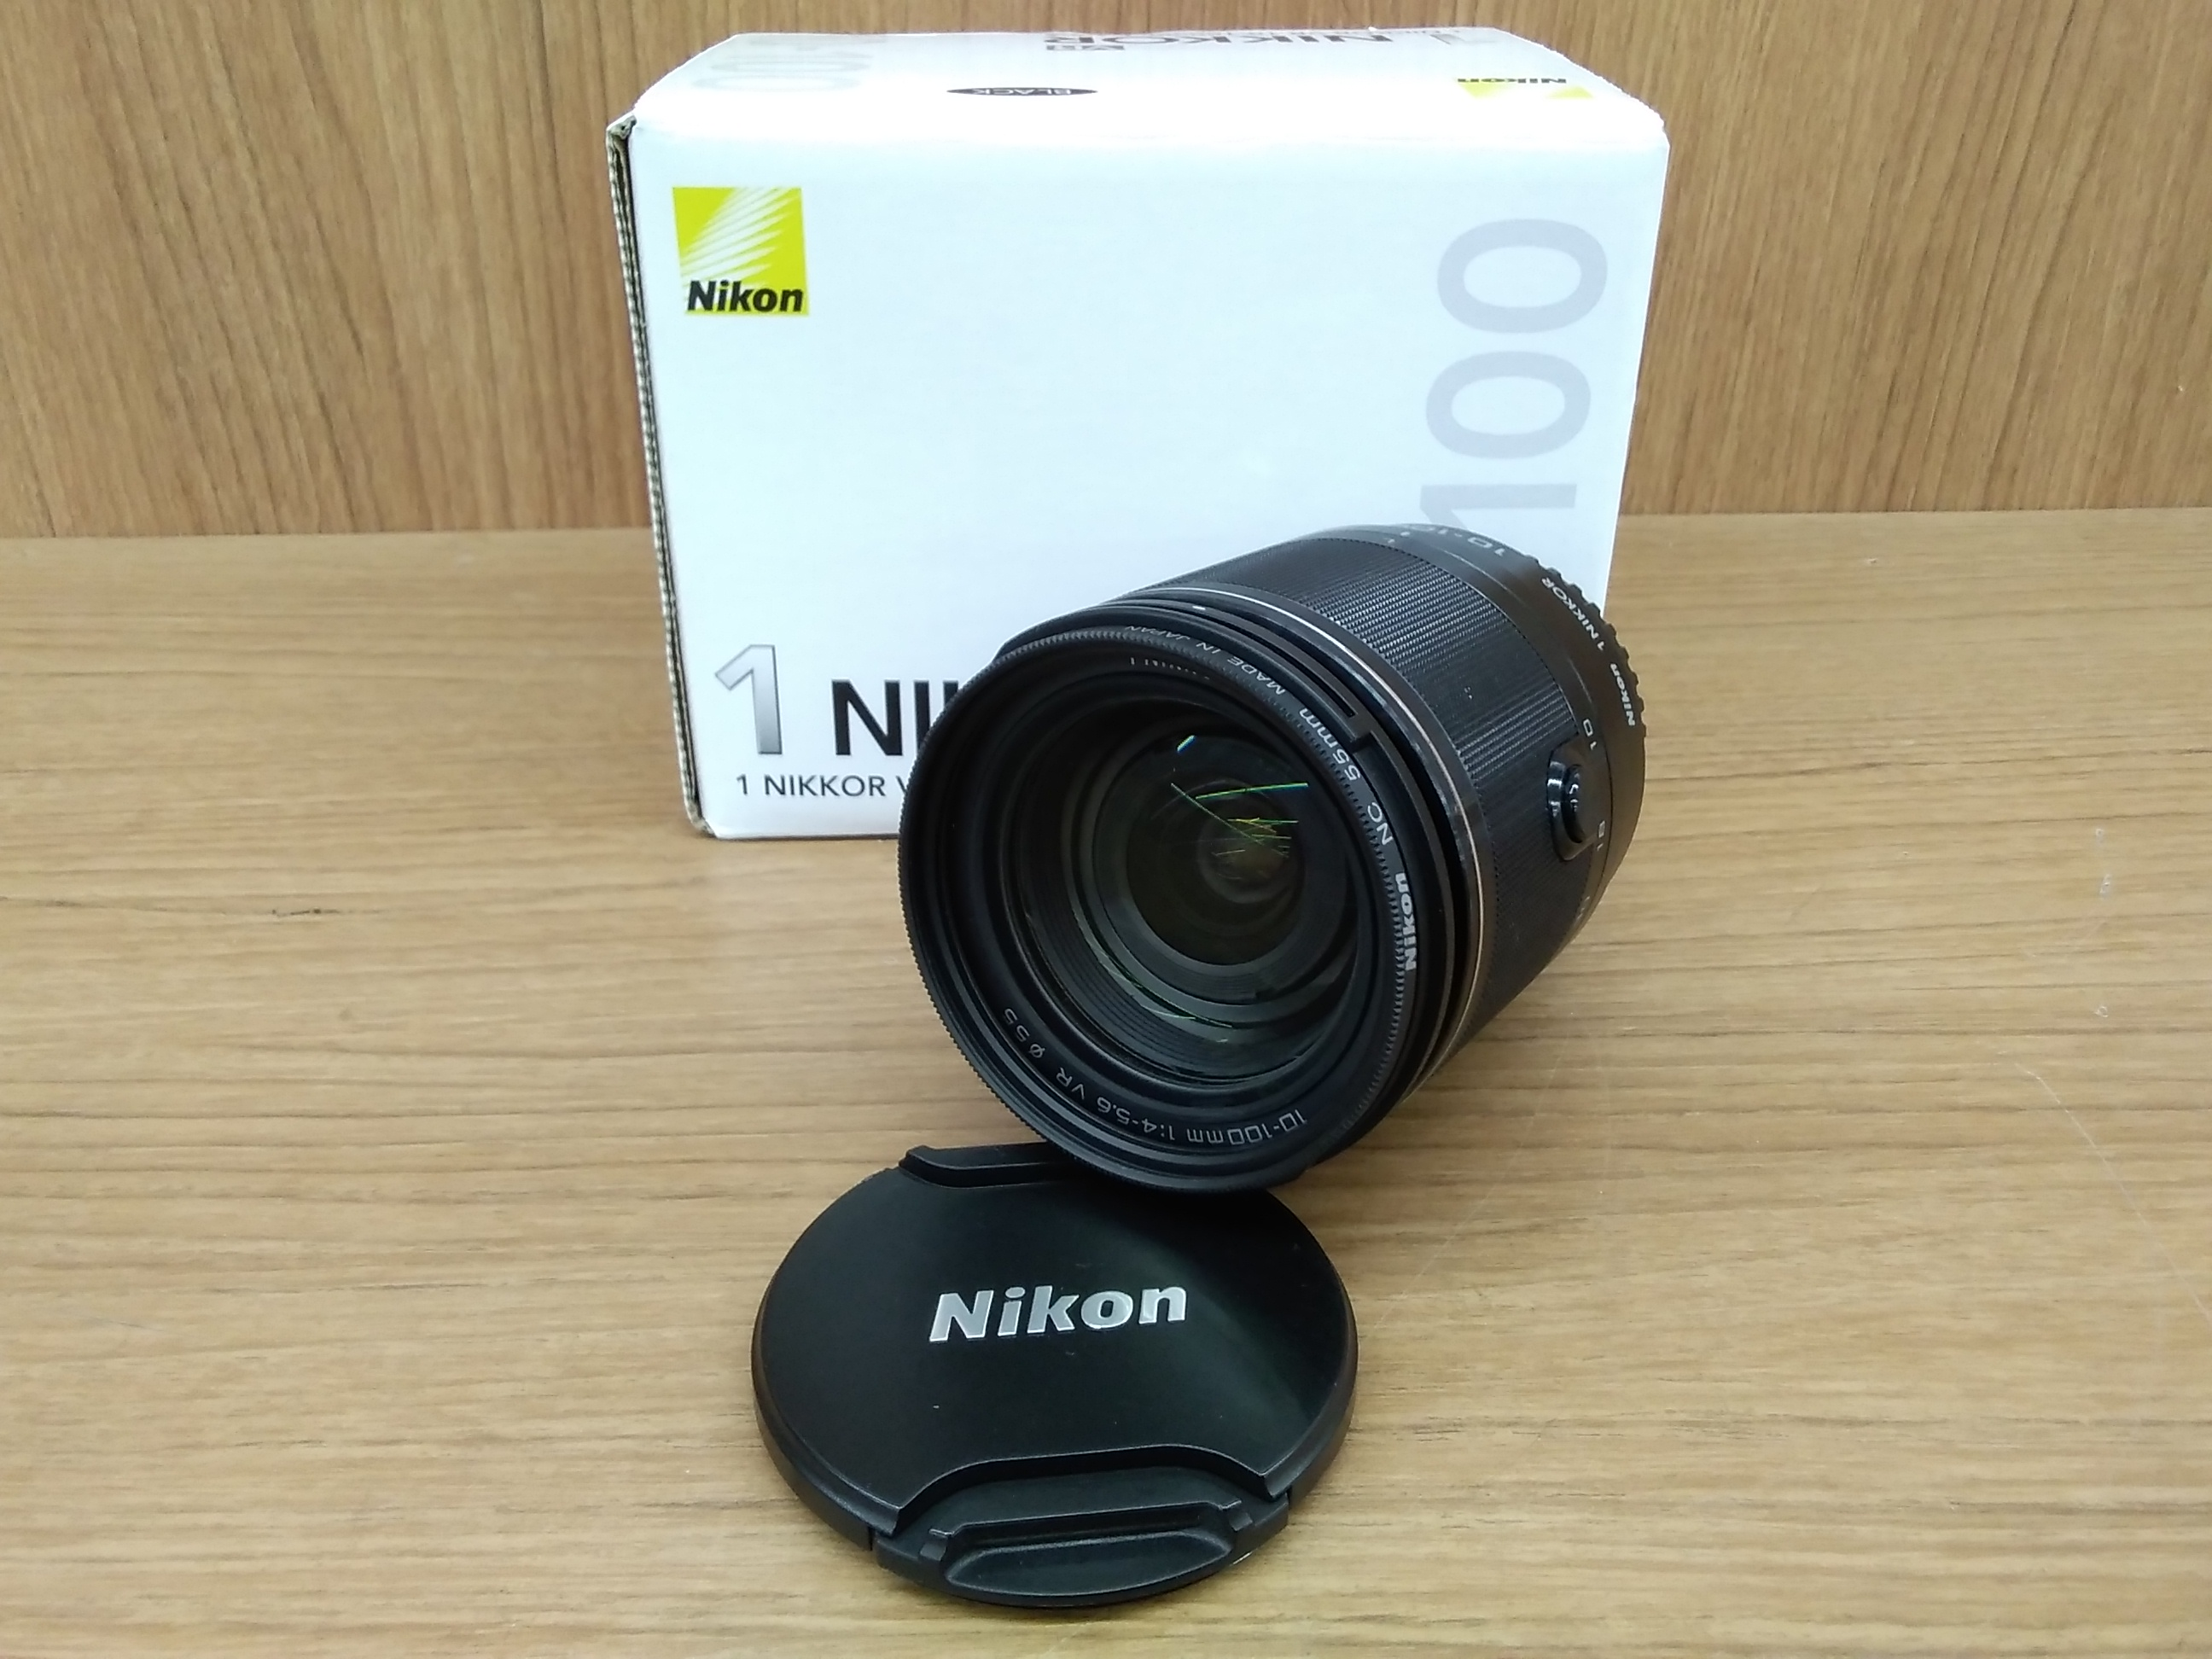 1 NIKKOR VR 10-100mm f/4-5.6|NIKON